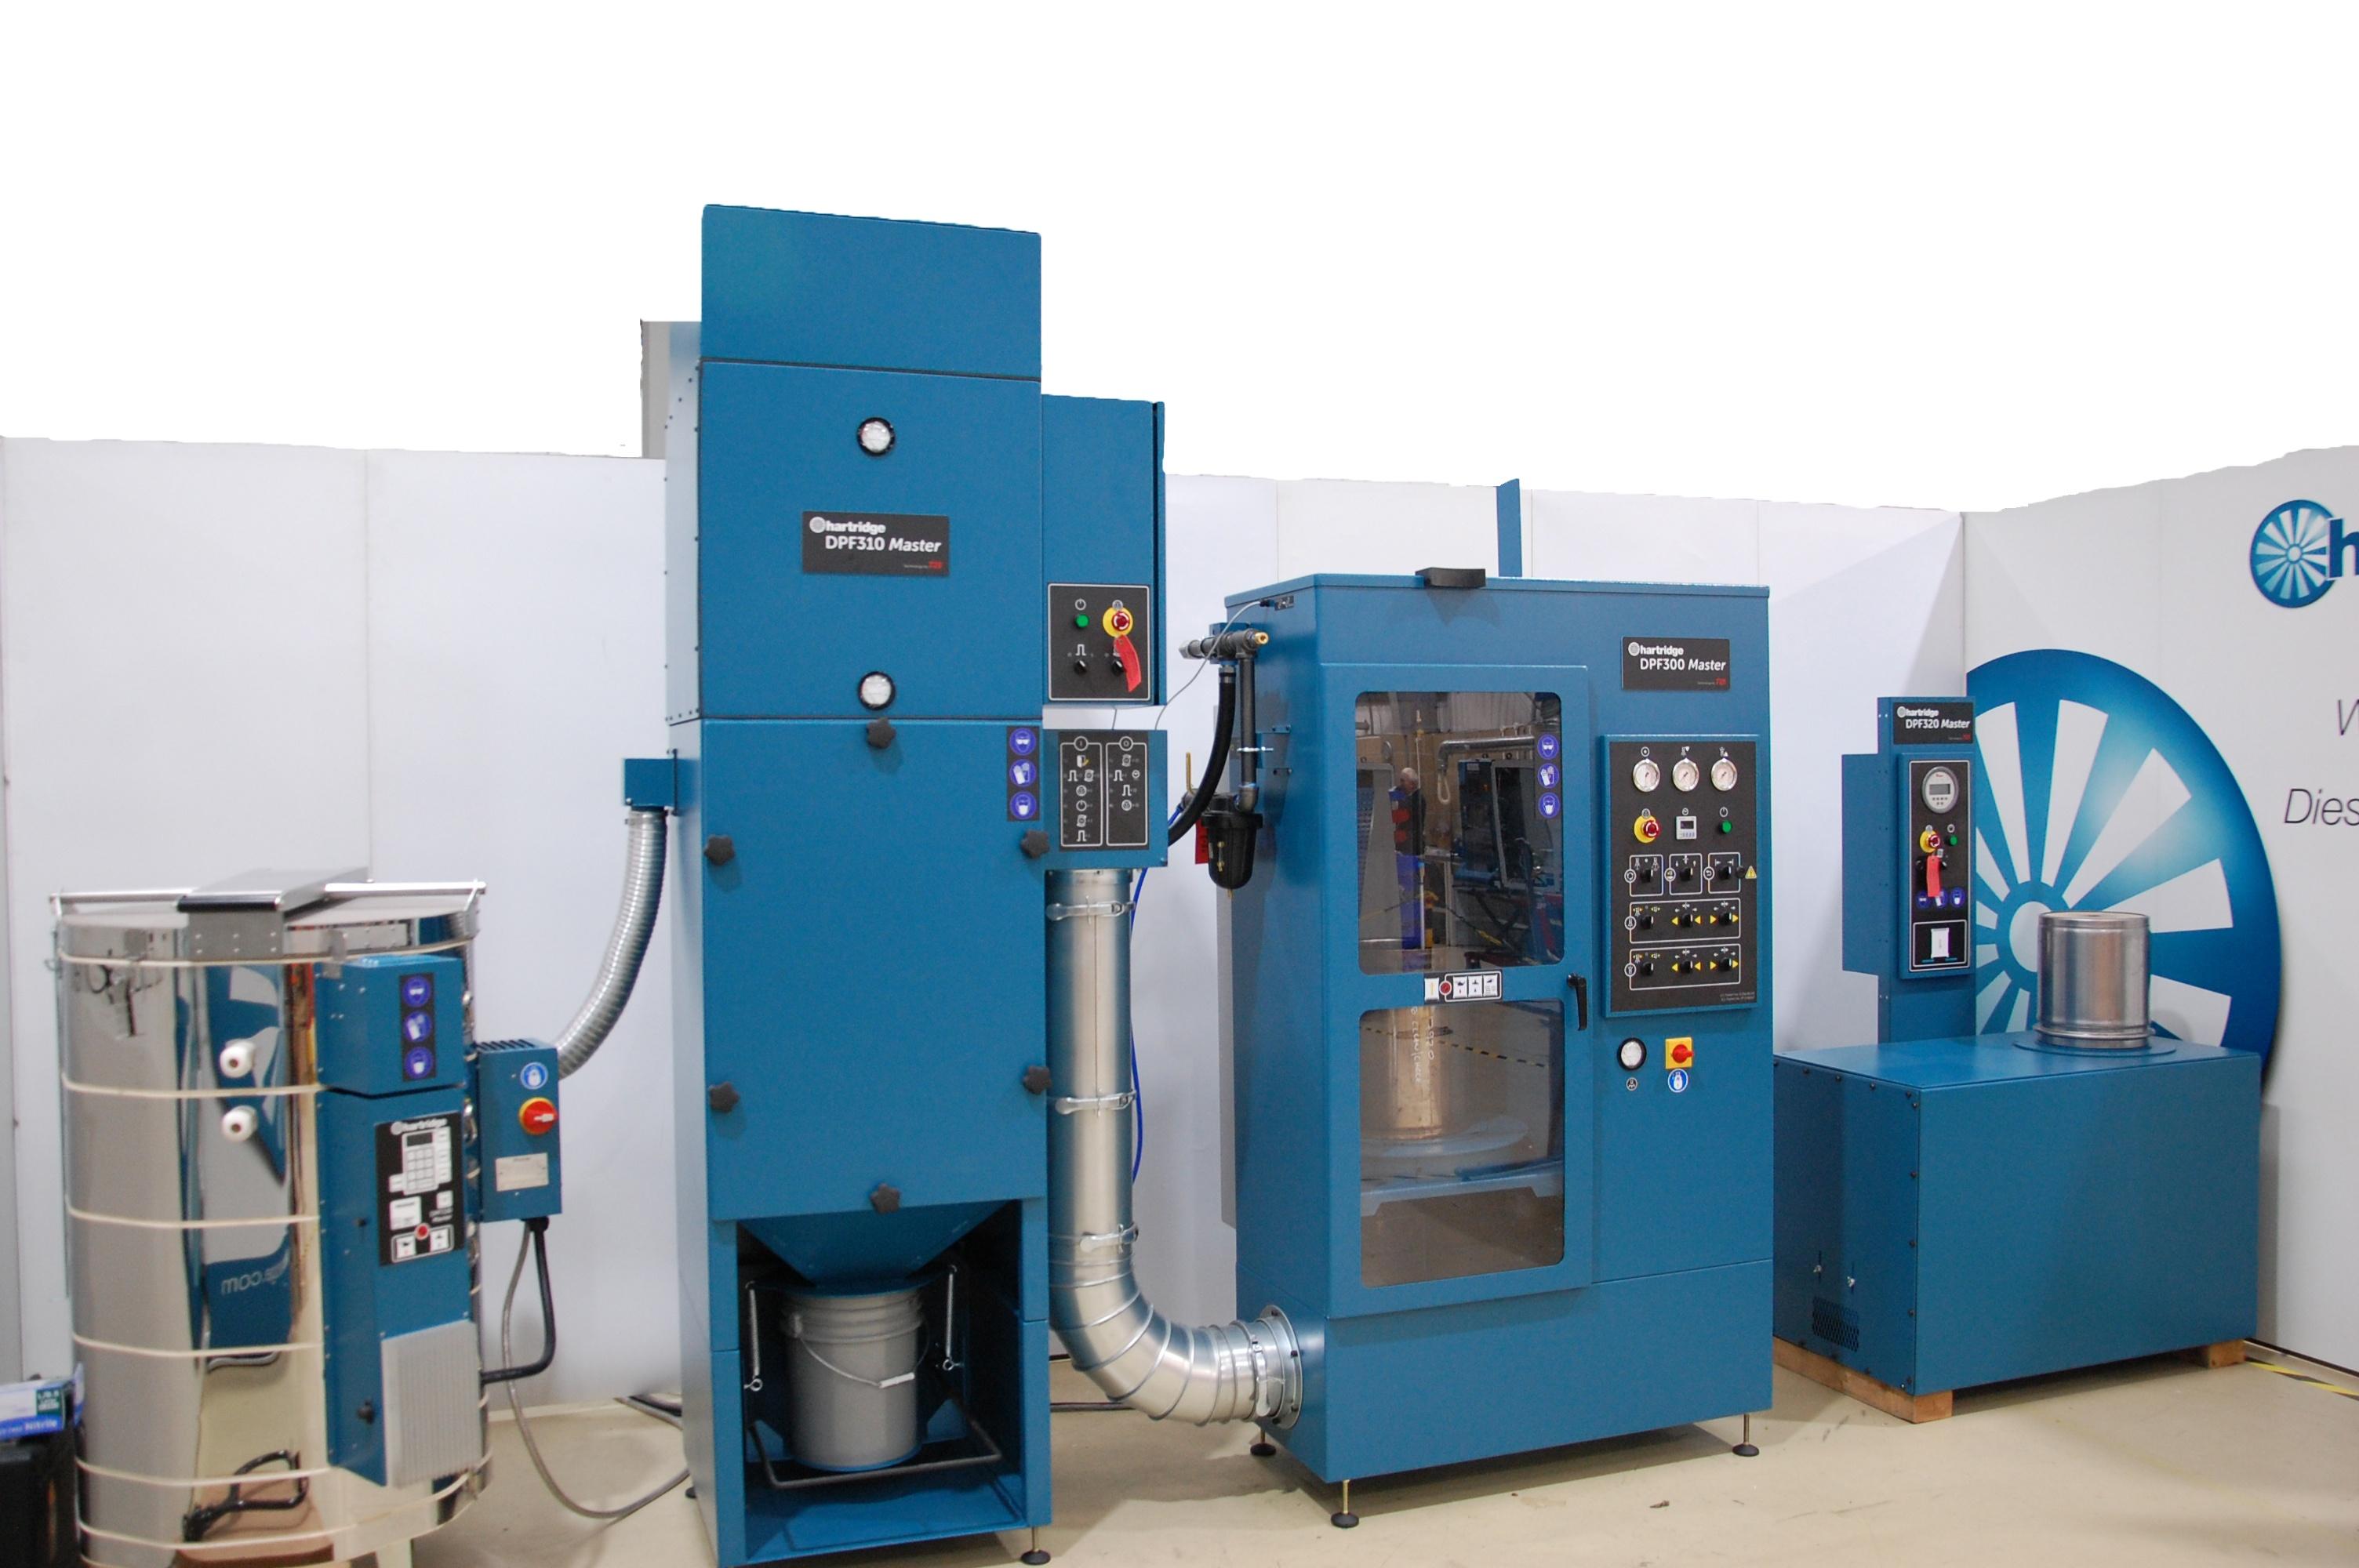 DPF 300 master series machine set